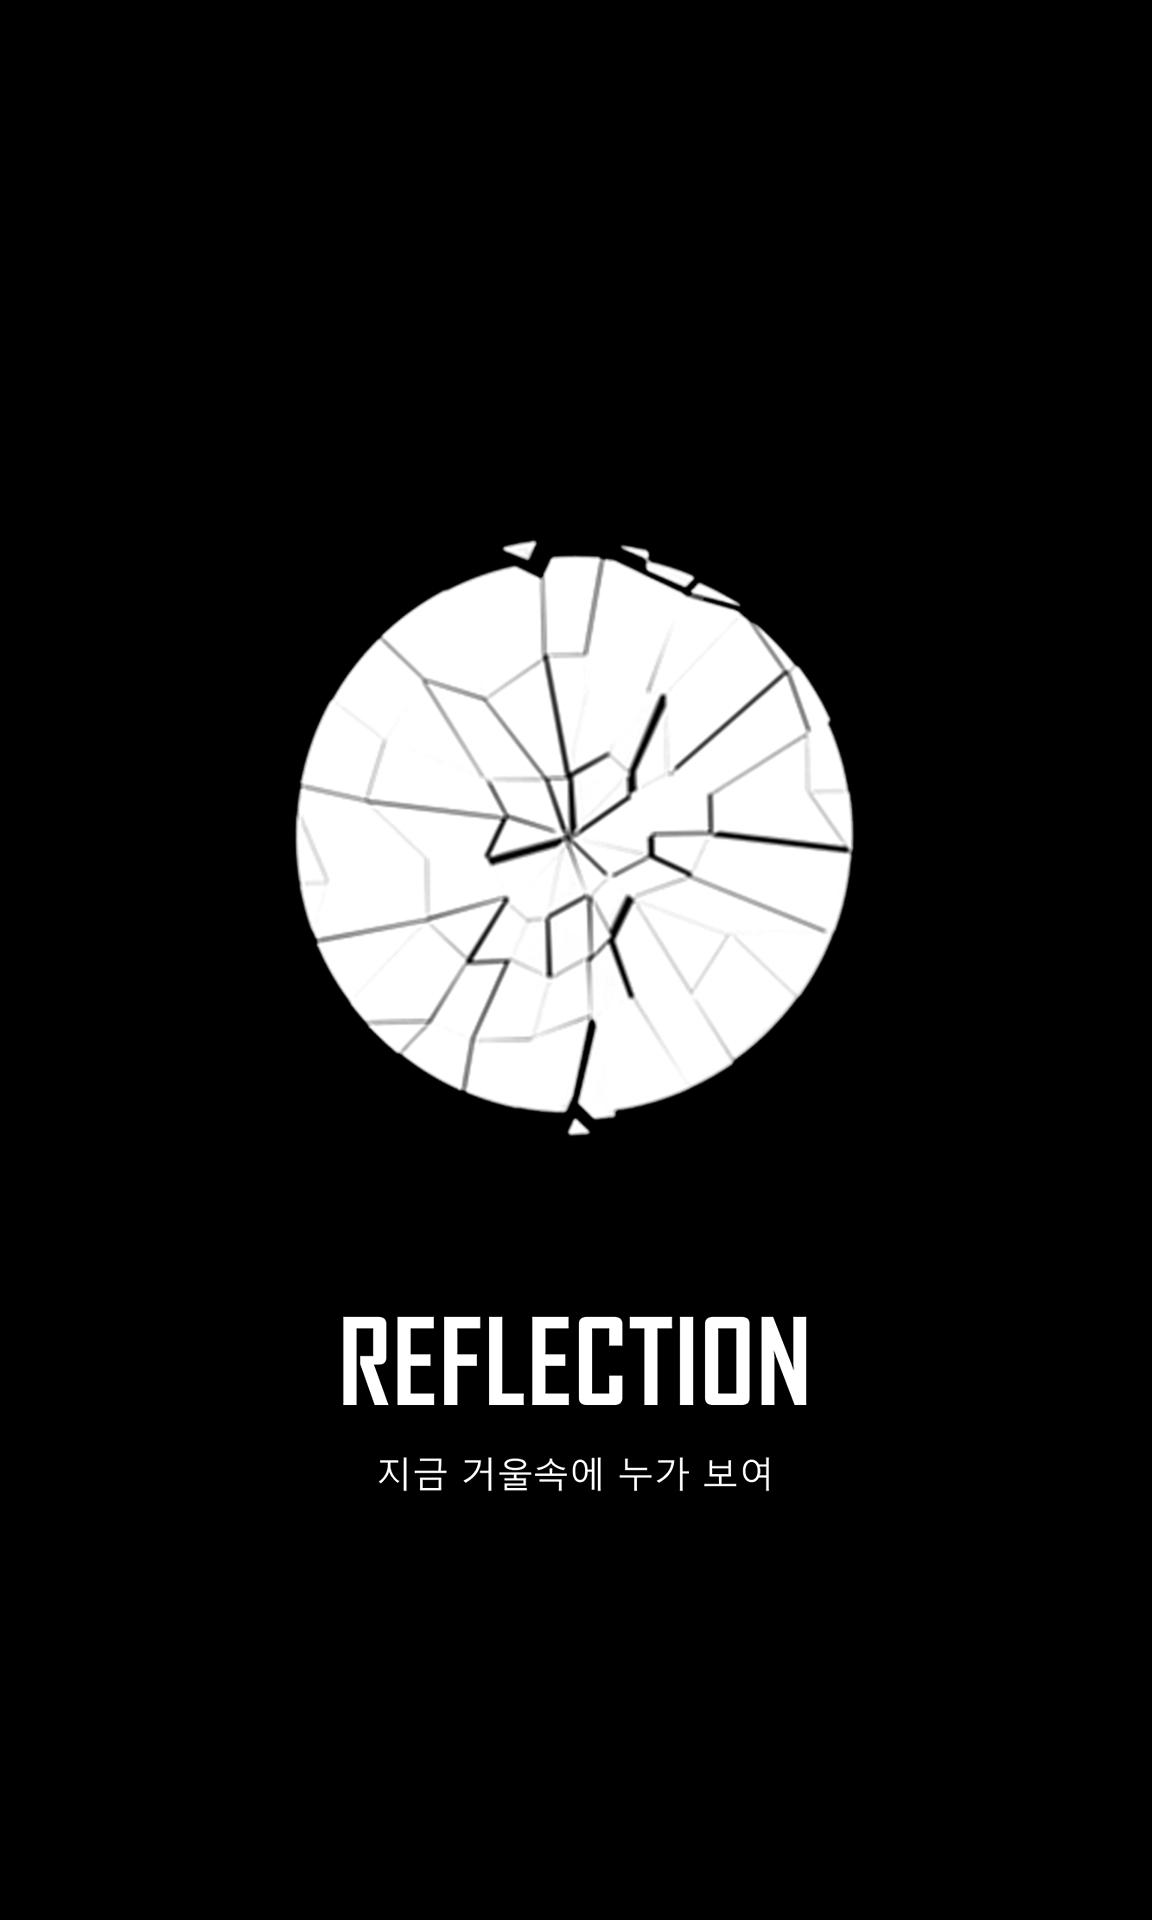 bts wings short film logo reflection wallpaper korean ver bts